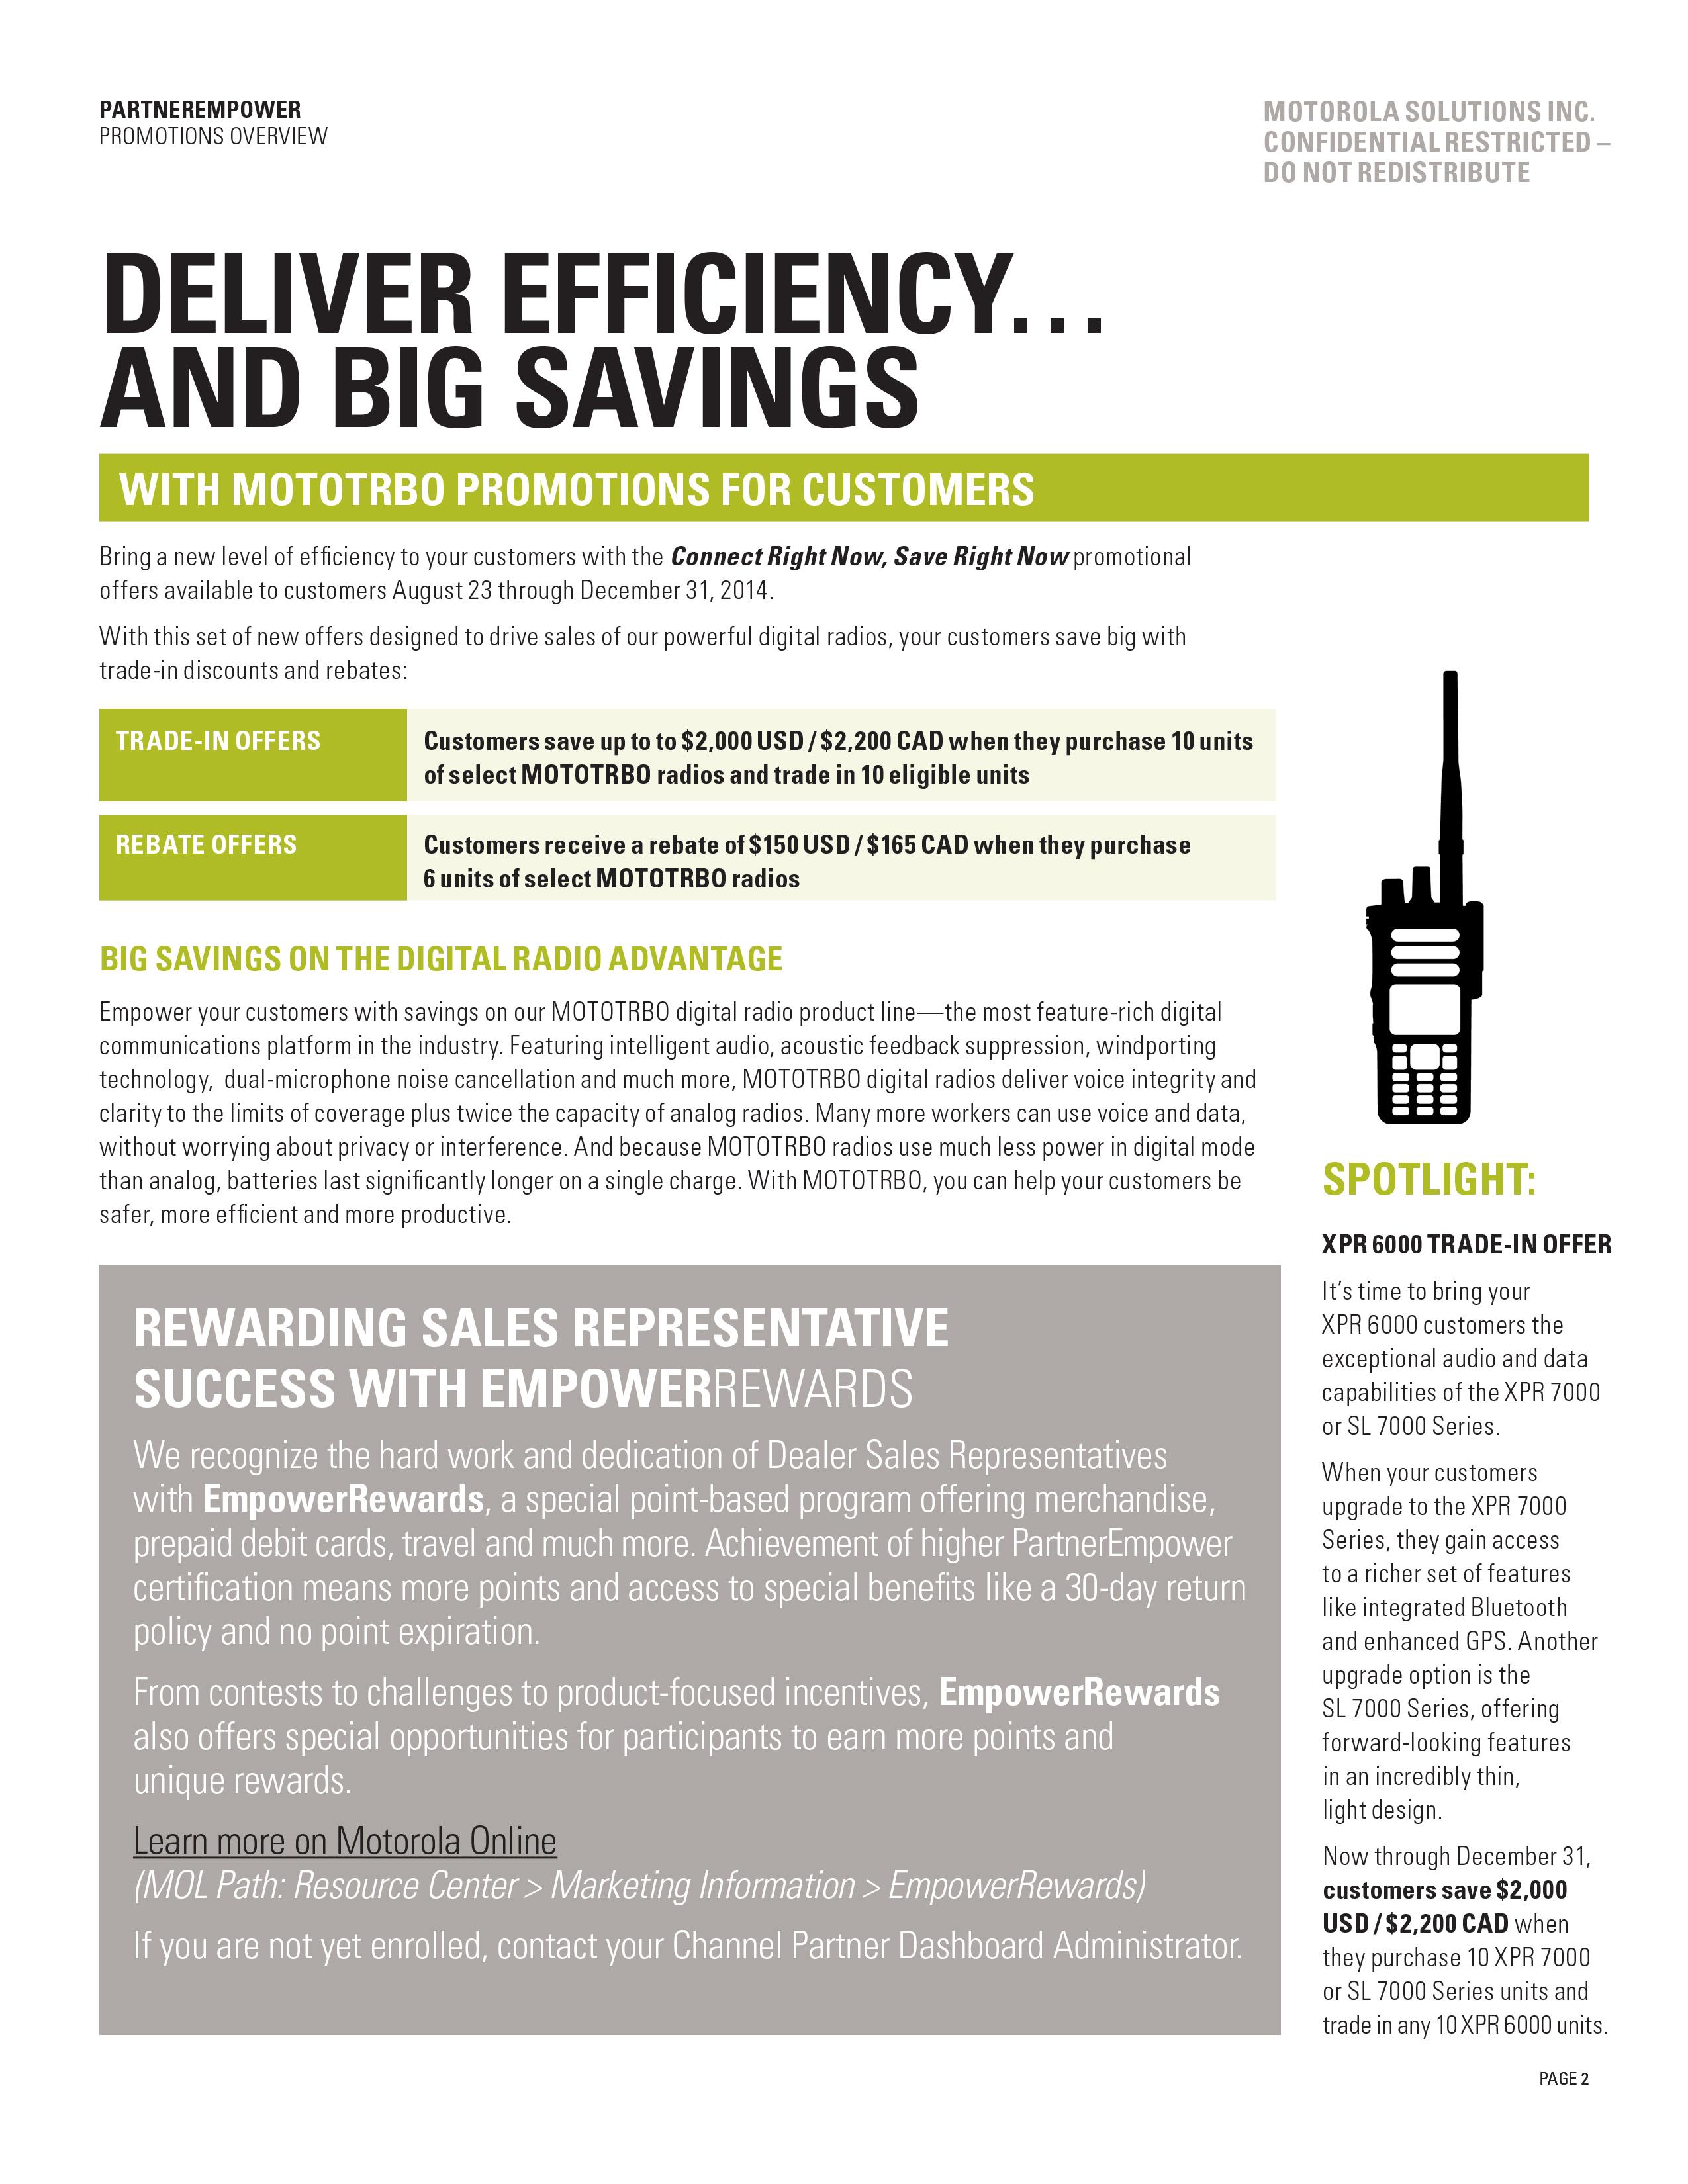 Page 2 - Rebates.jpg